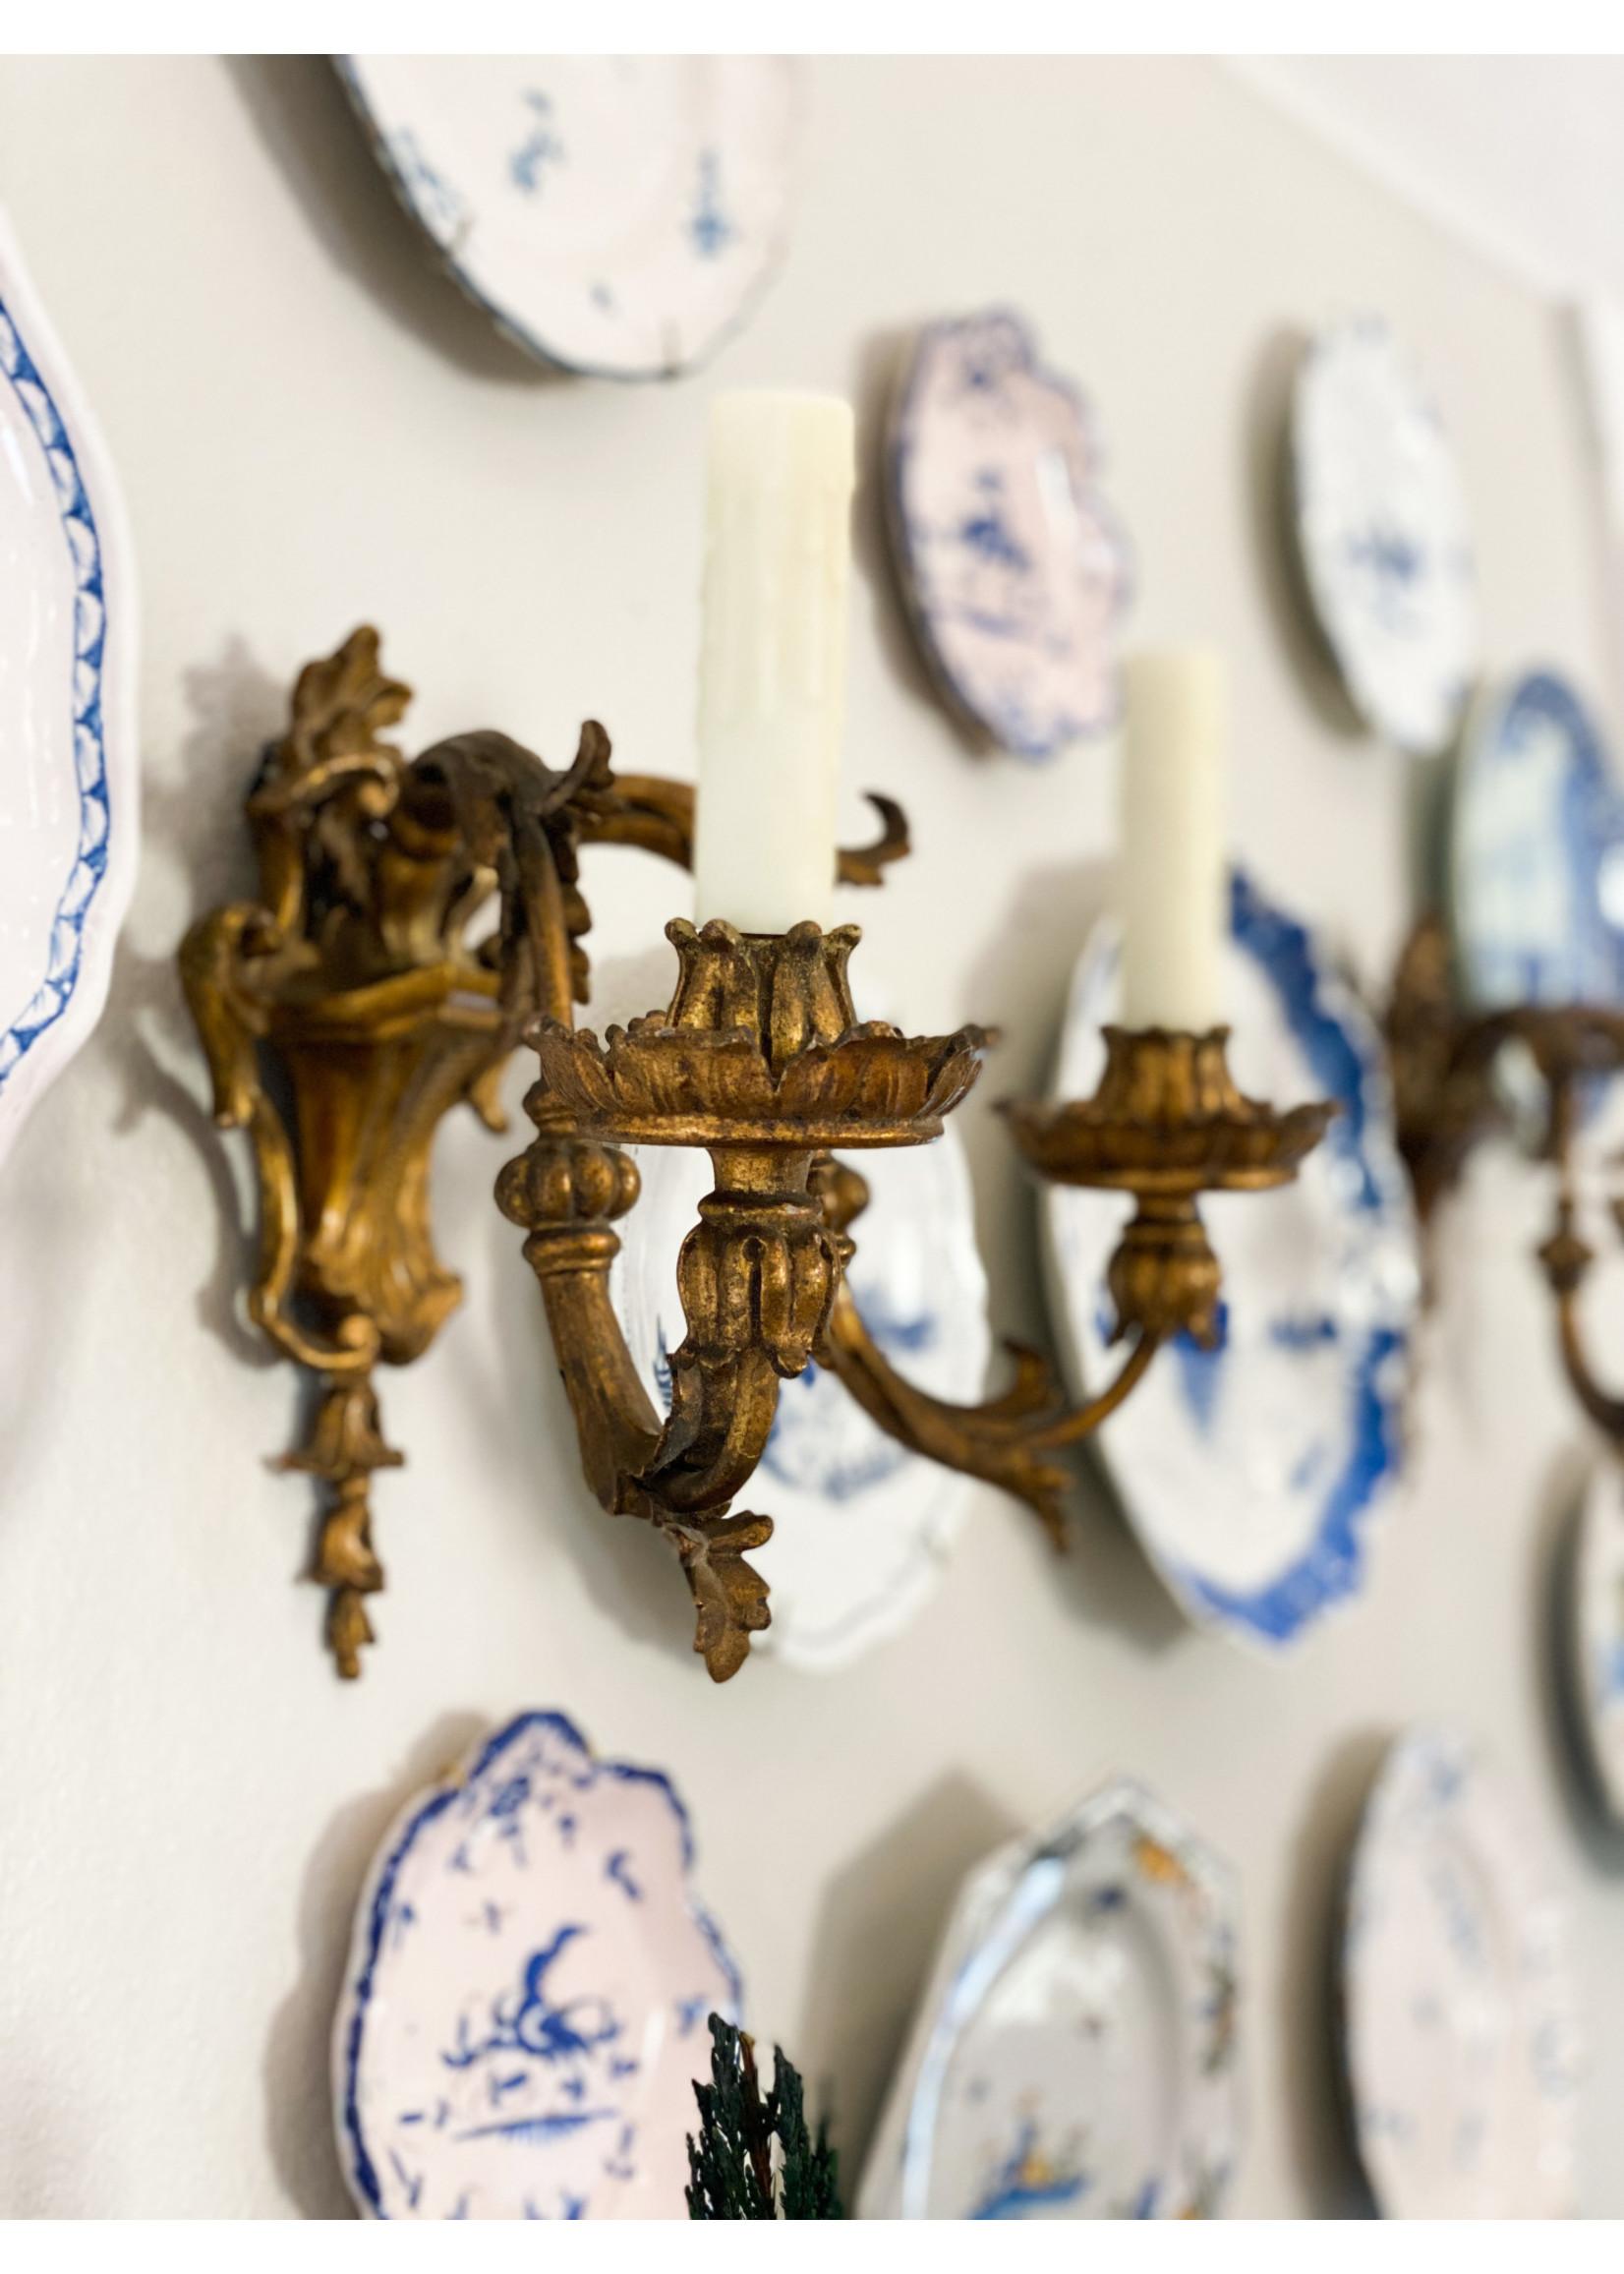 Antique Antique French Sconces (pair)